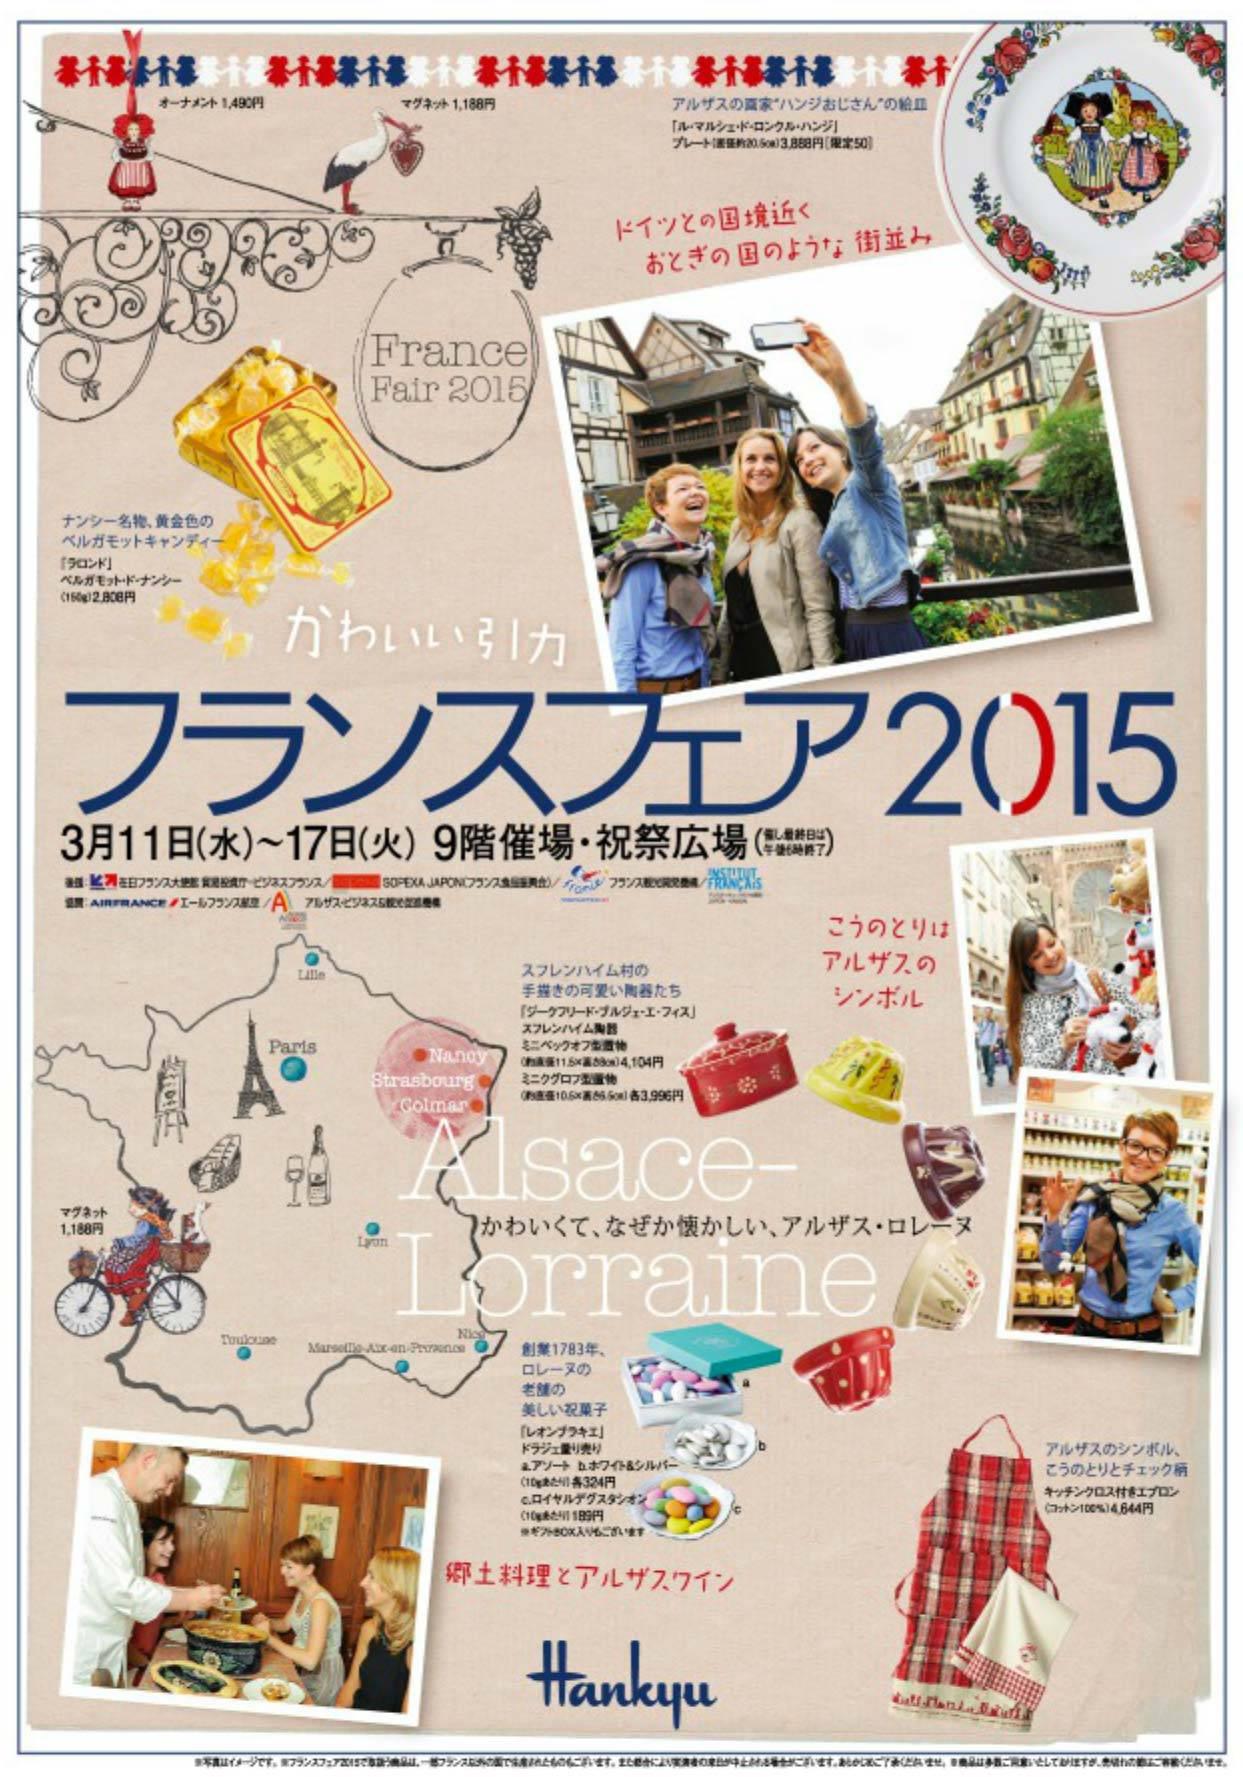 フランスフェア2015